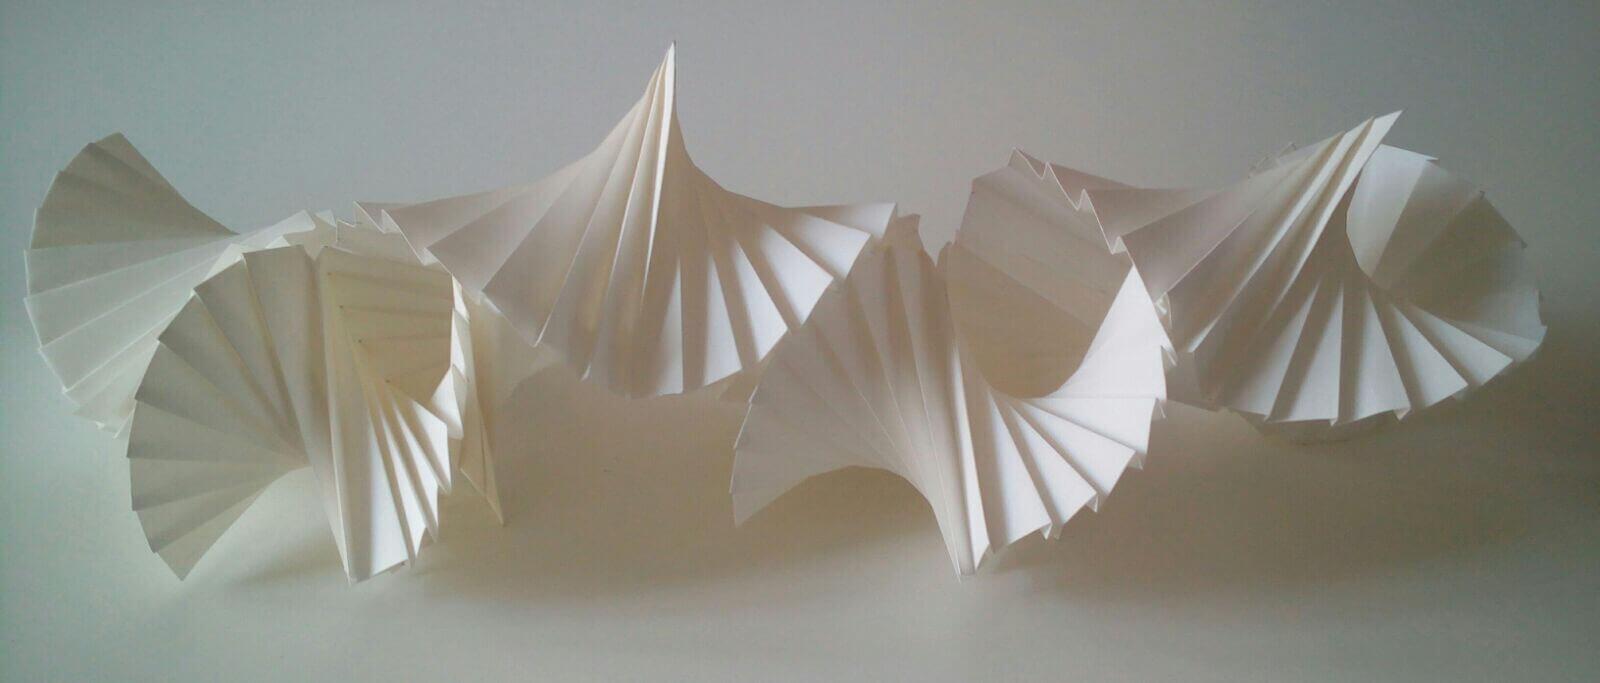 arquitectura-do-papel-curso-dario-zeruto4.jpeg